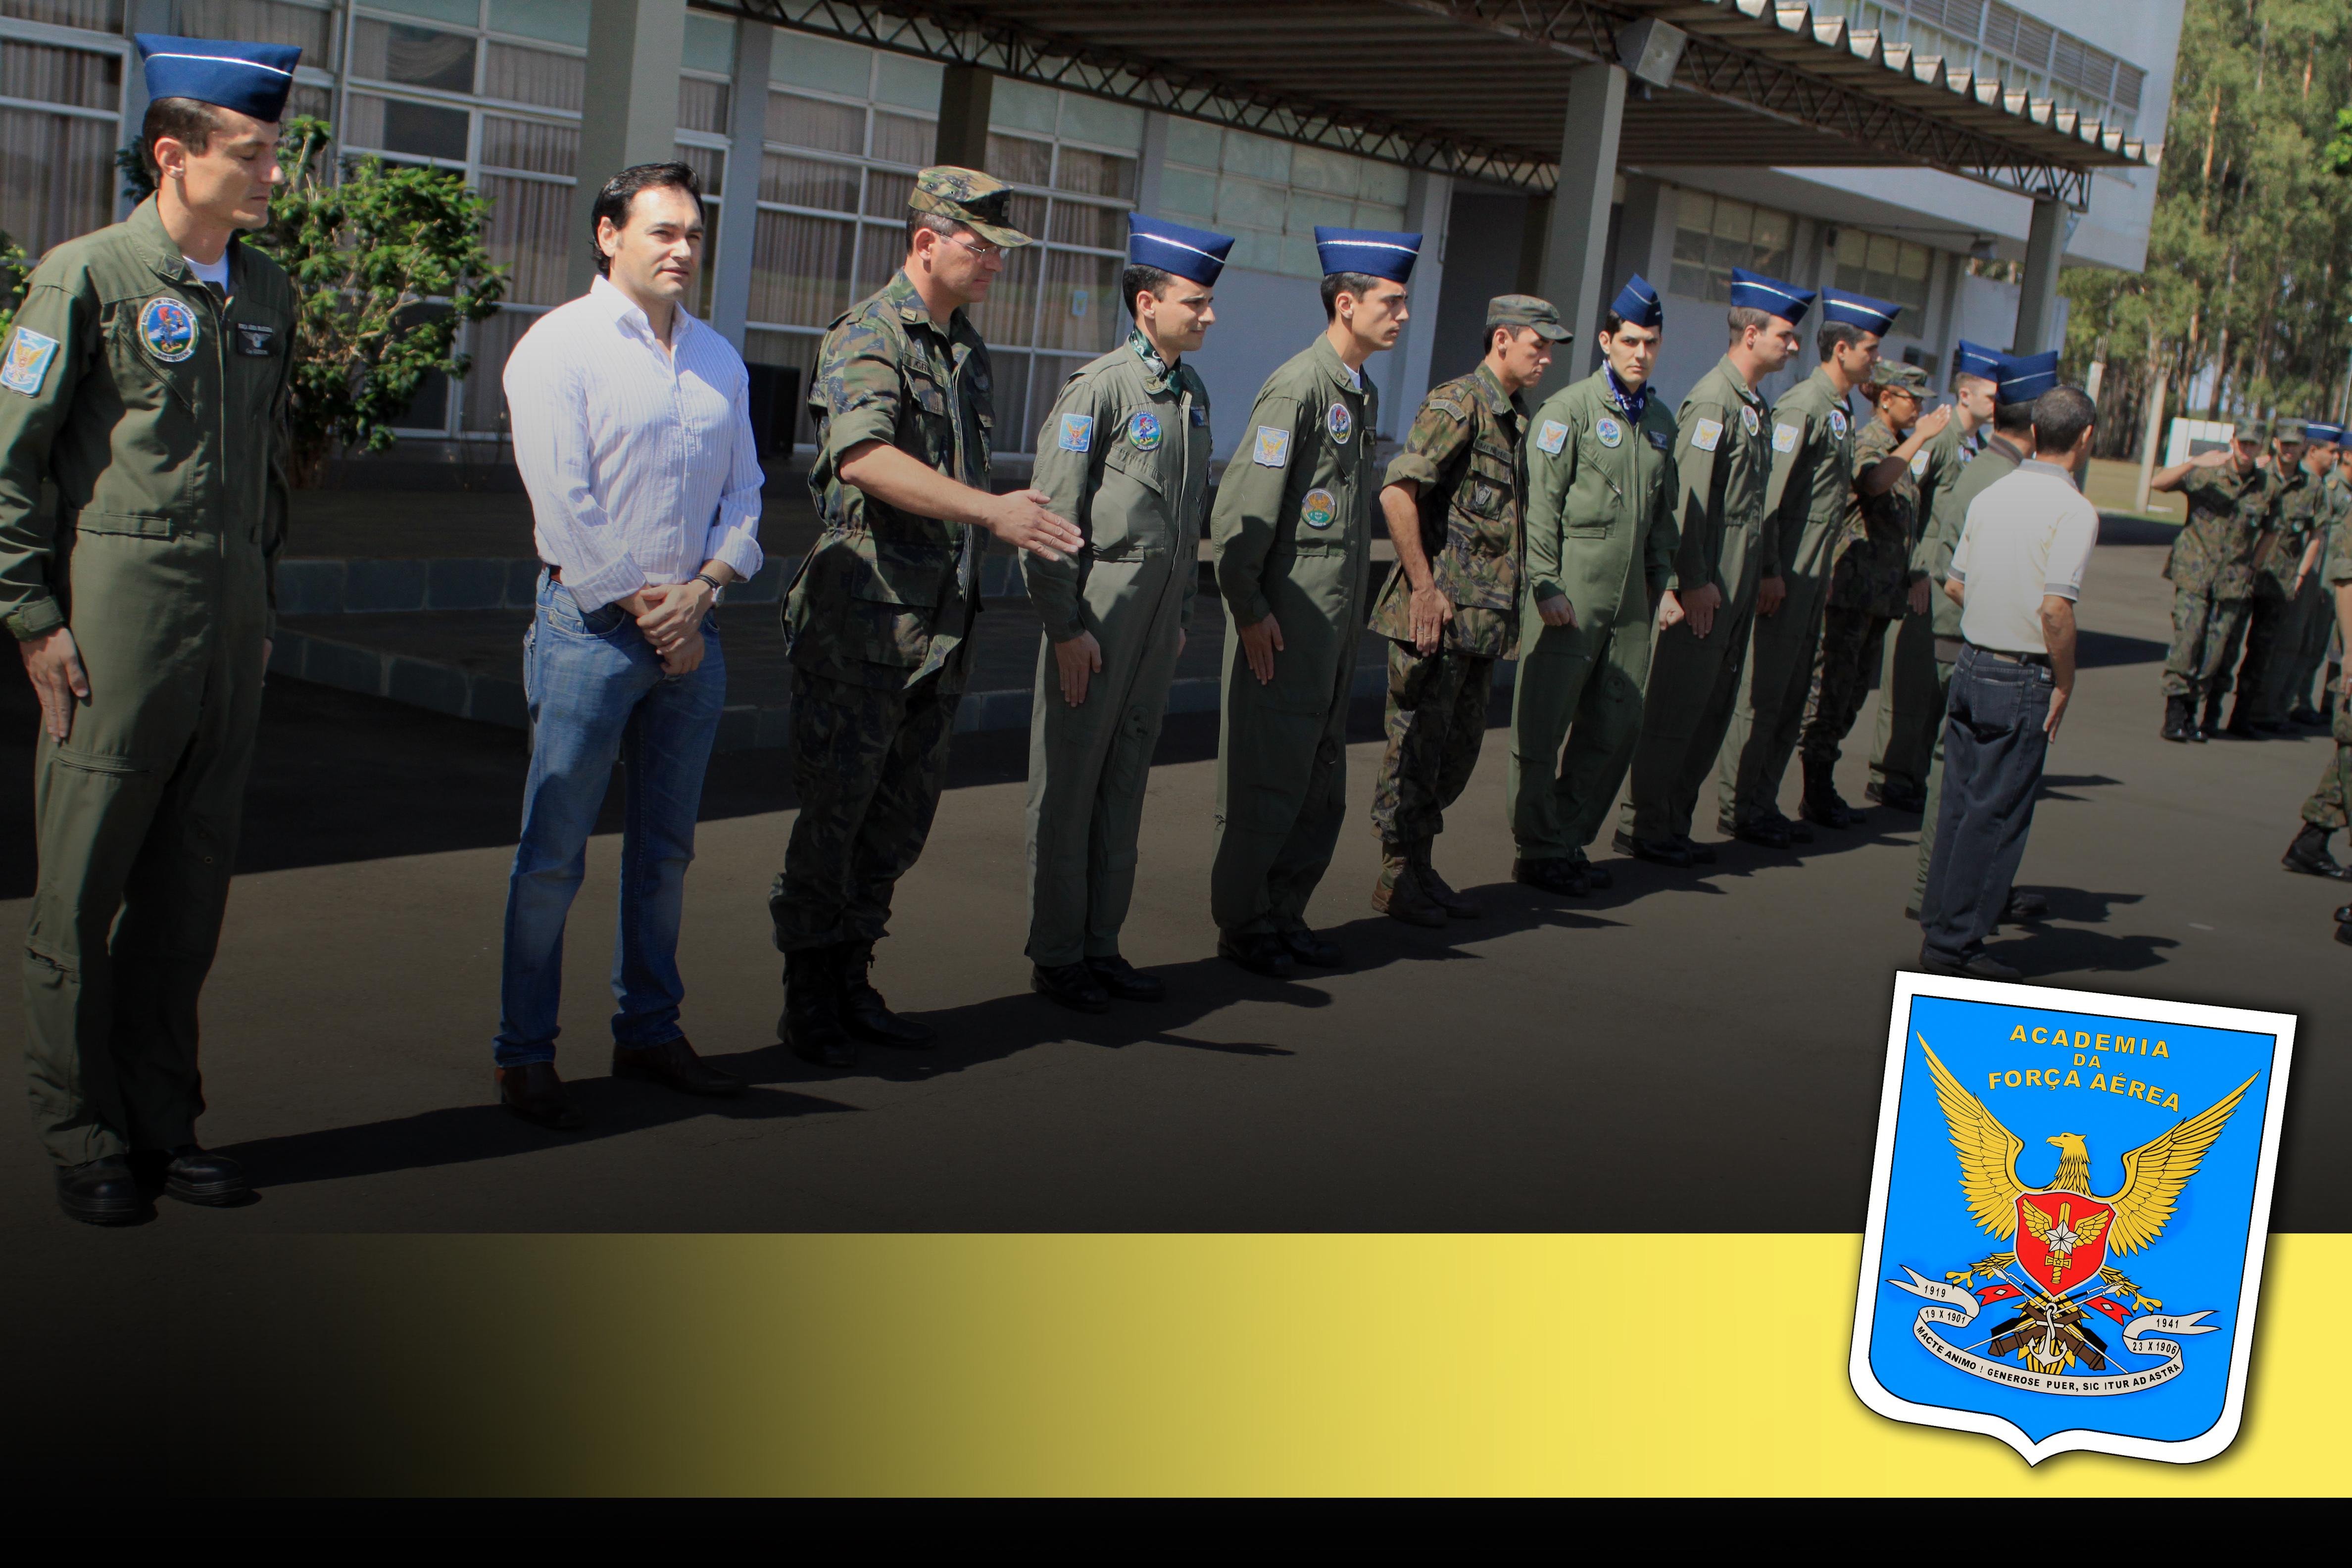 Participação na Formatura de Passagem de Serviço (Parada Diária) - Honras militares ao Comandante da